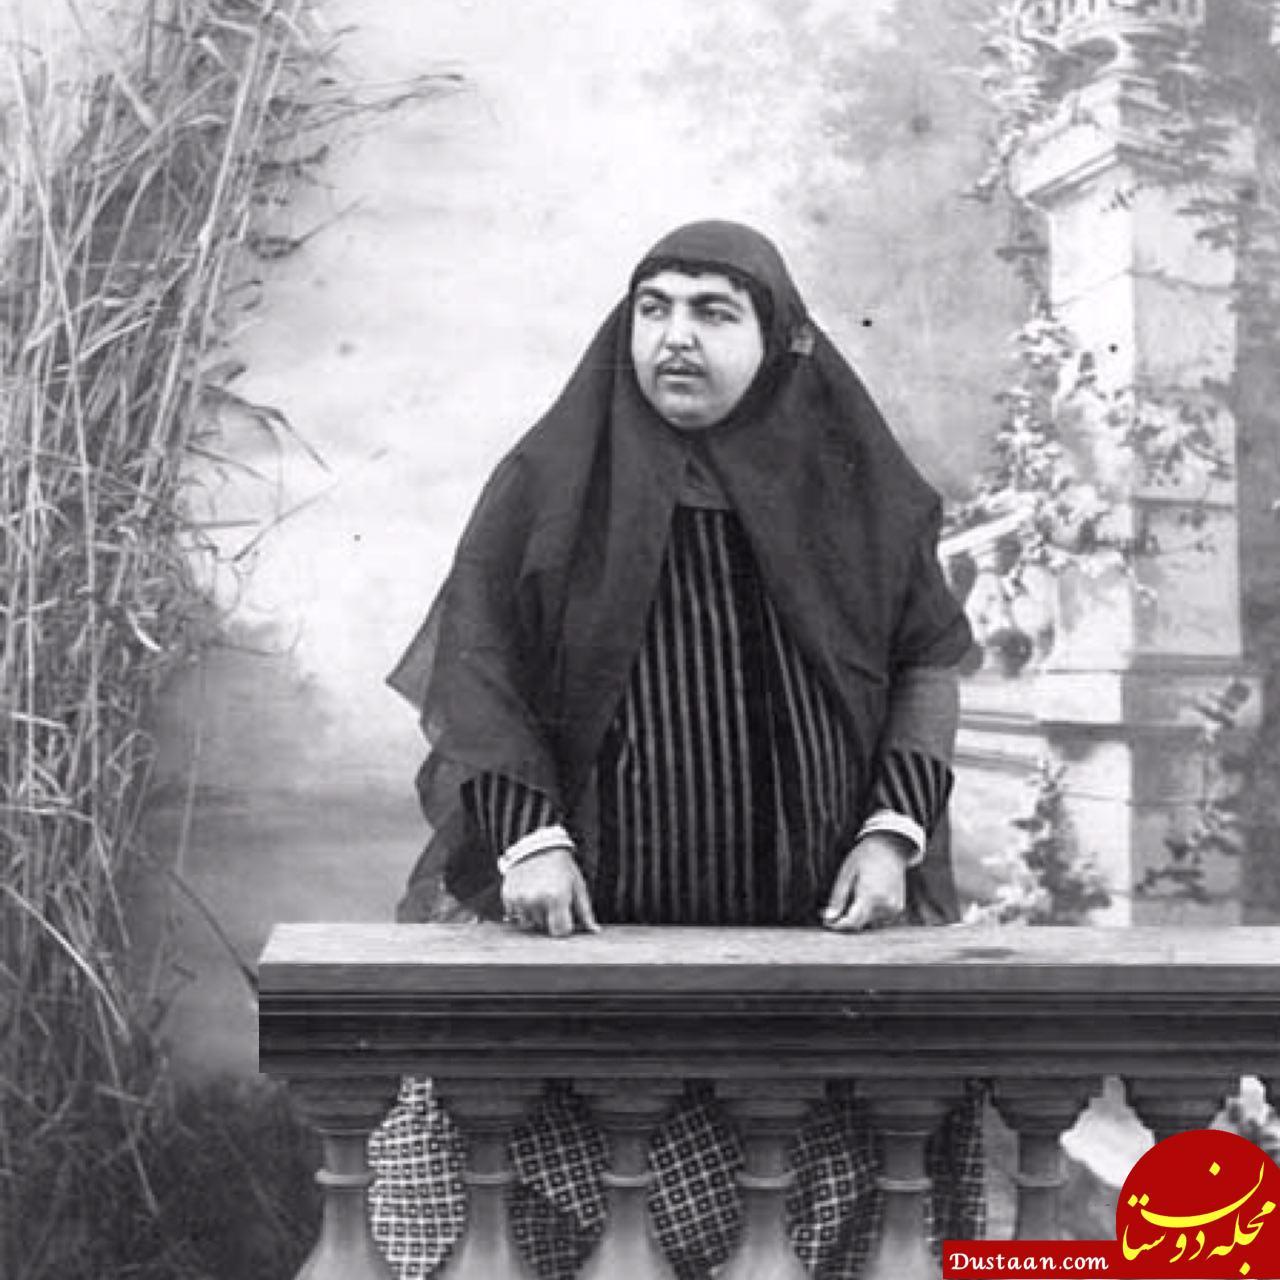 اولین زن پیانیست ایرانى را ببینید! +عکس